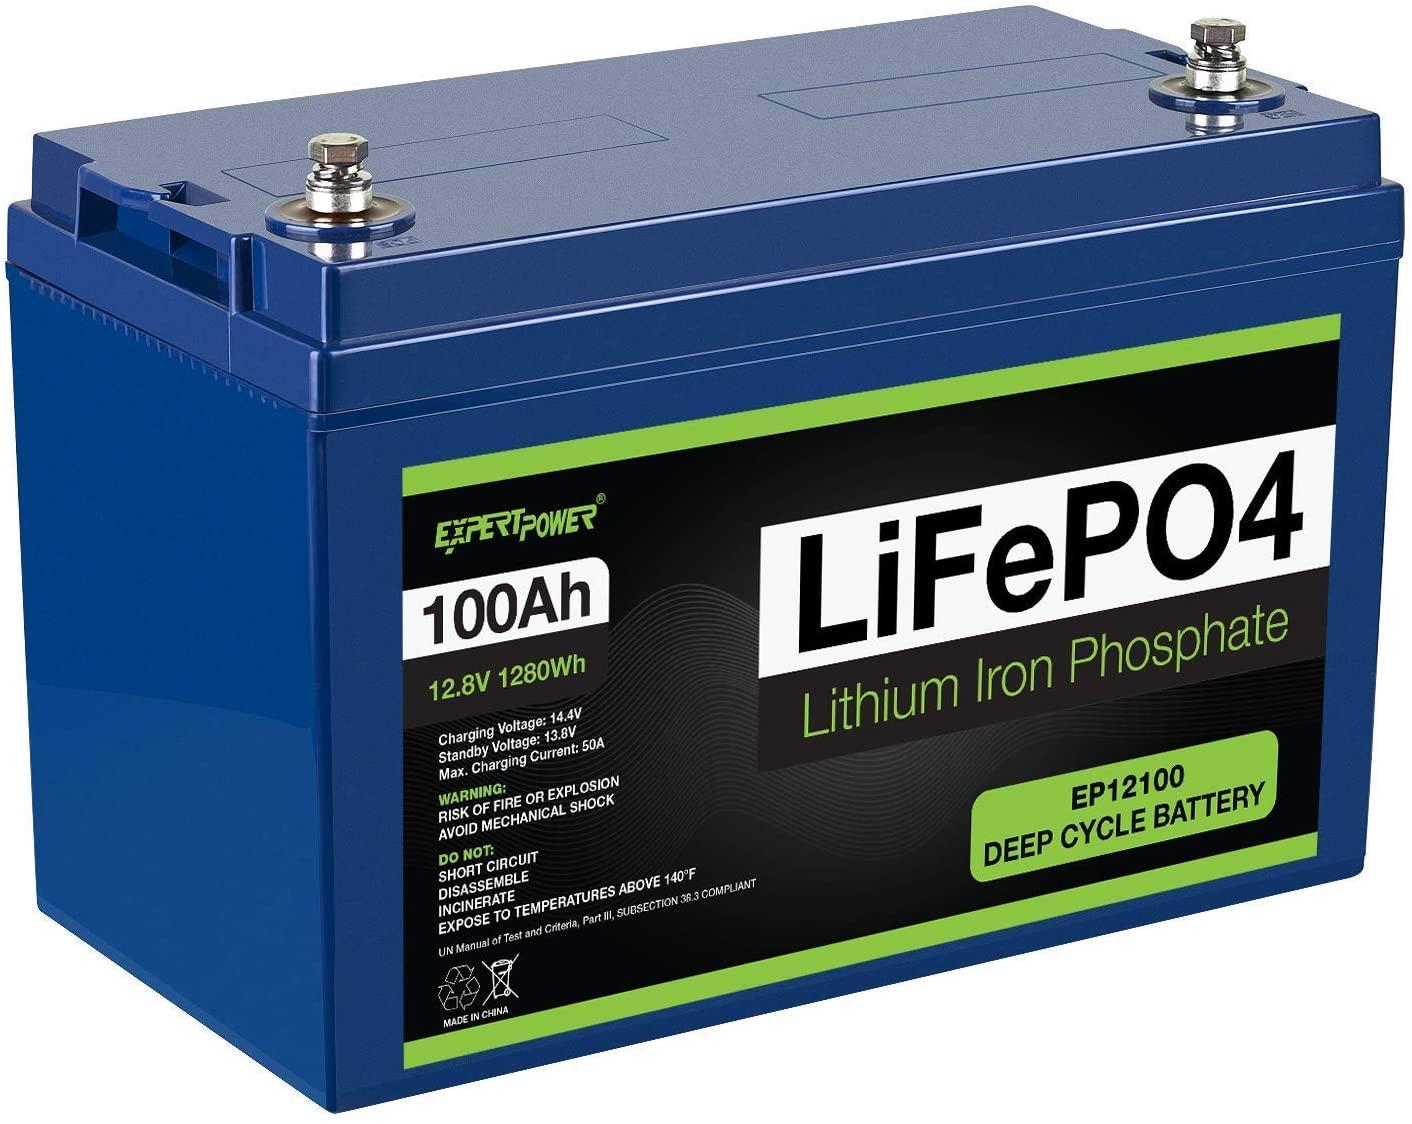 EXPERTPOWER 12V BATTERY Battery